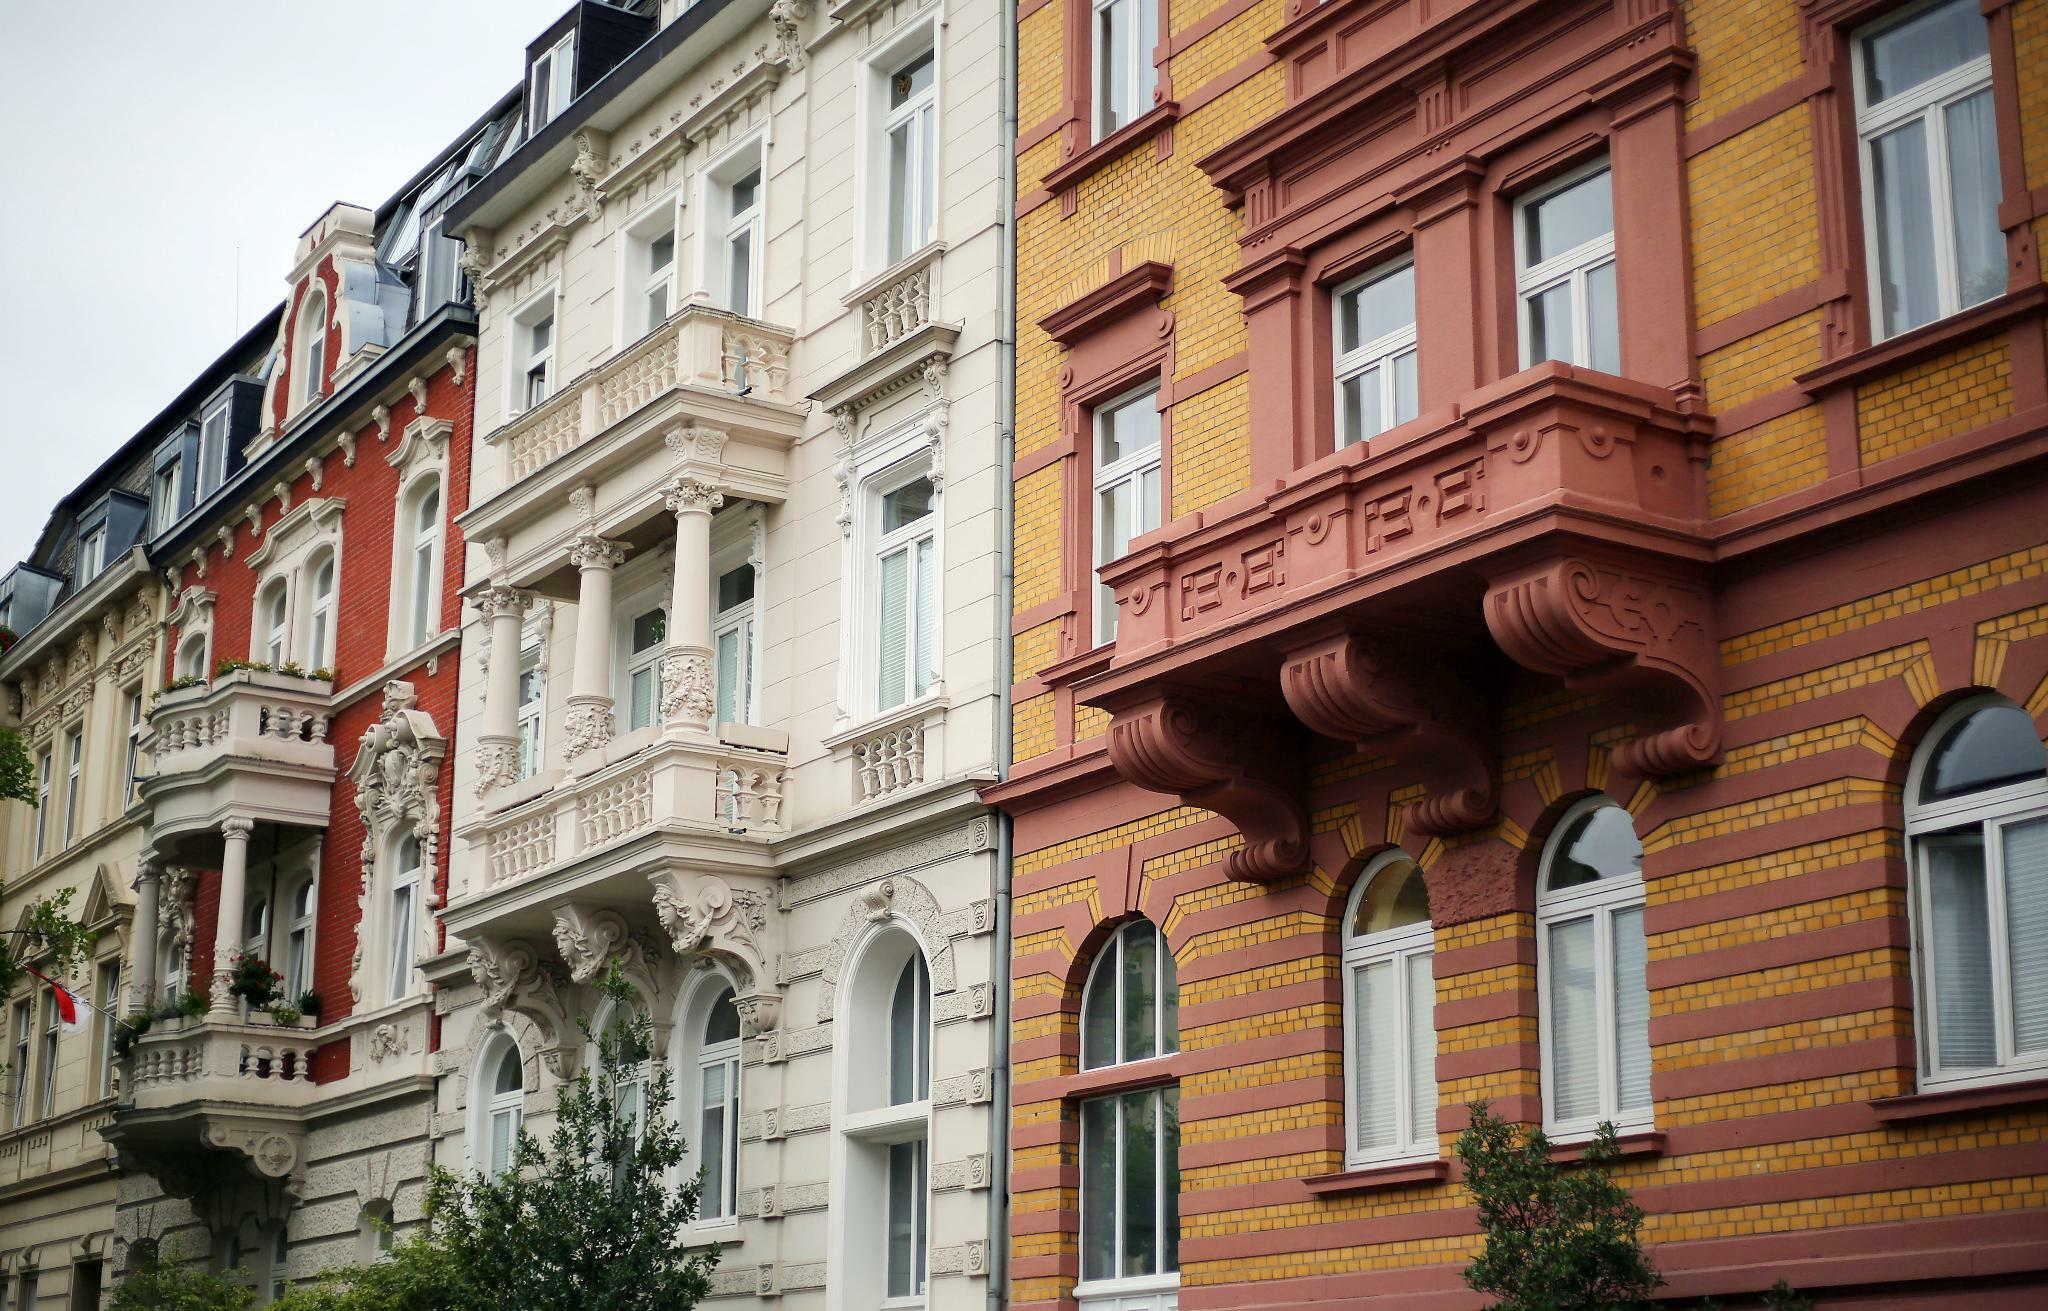 Immobilien: Warum ein Investment derzeit riskant ist